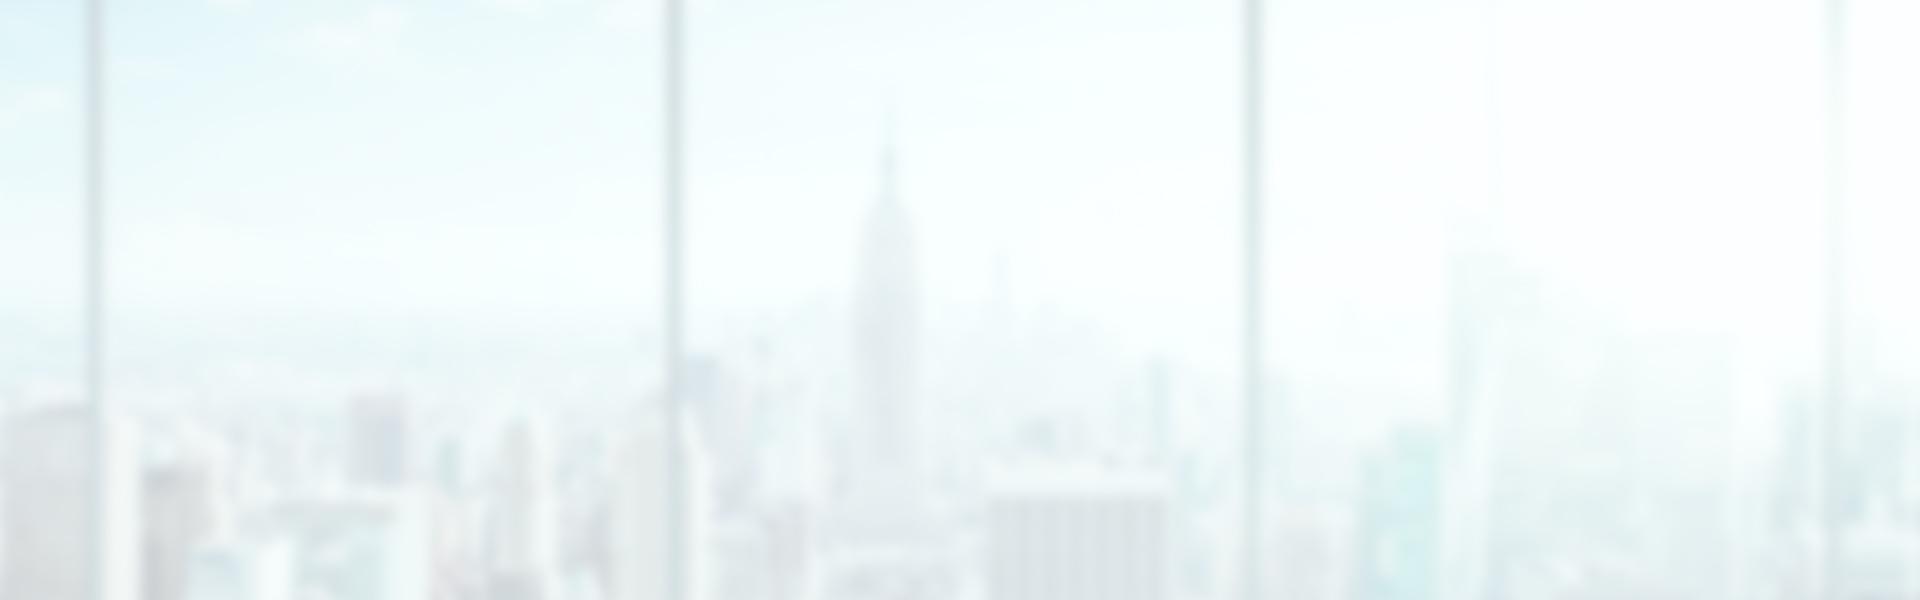 shutterstock_280798679_blur-1920x600